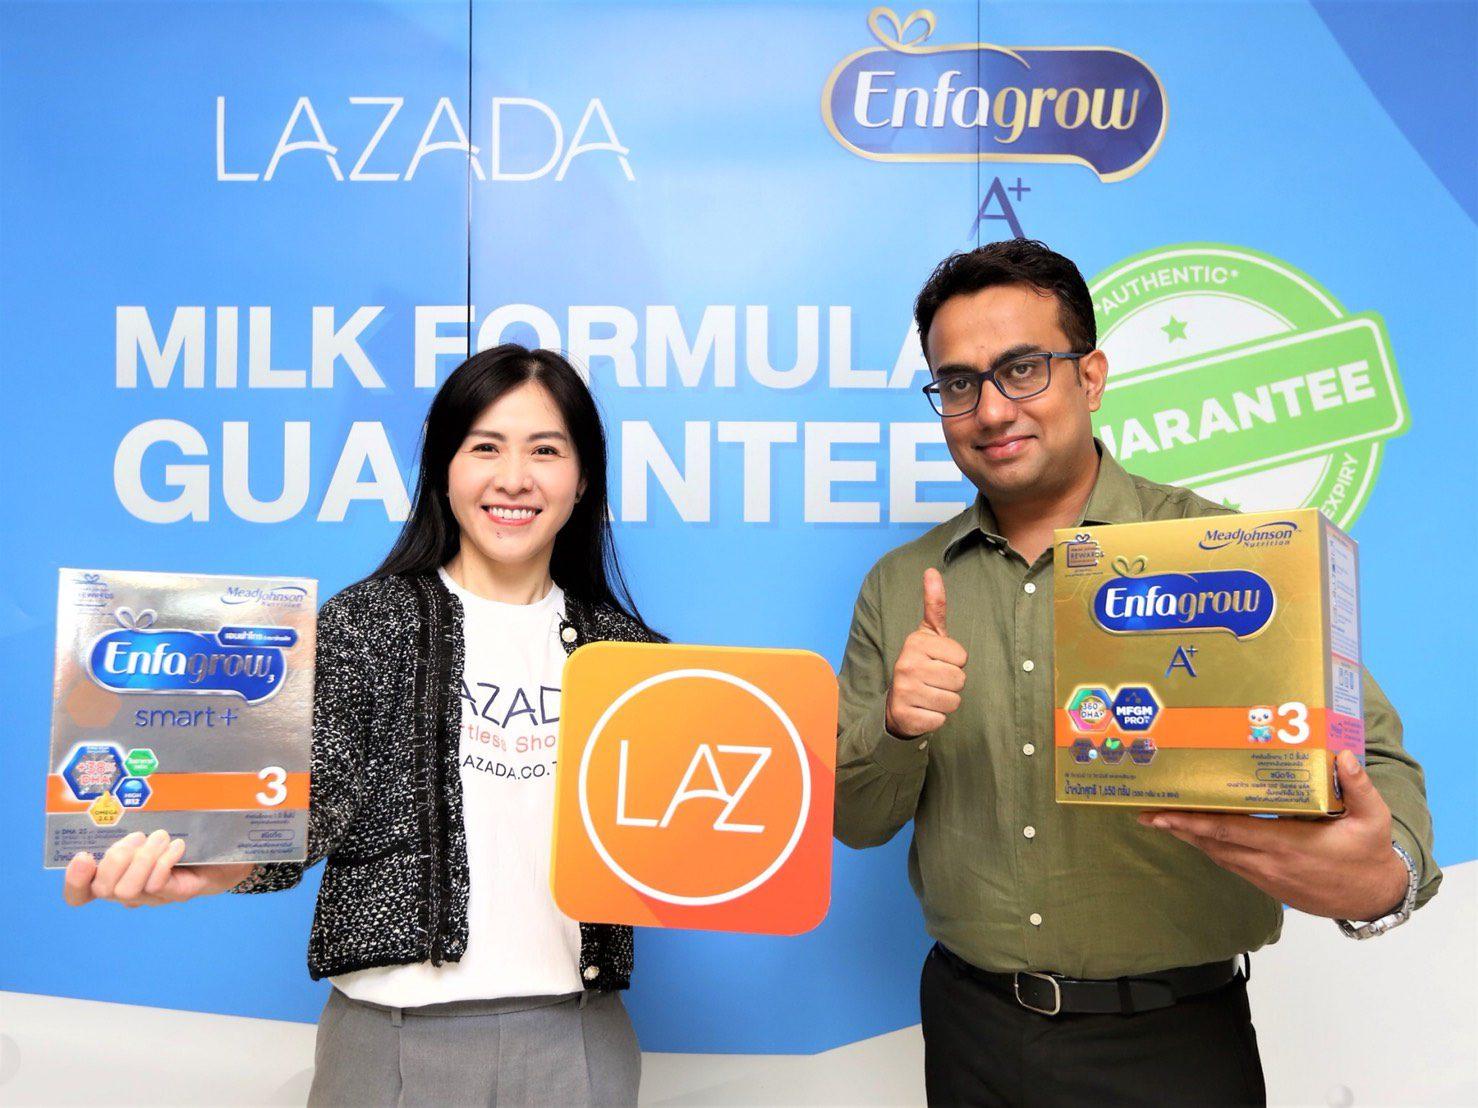 """""""ลาซาด้า"""" เติมเต็มคุณภาพชีวิต """"แม่และลูก"""" จัดโปรแกรมช้อปออนไลน์ Milk Formula Guarantee"""